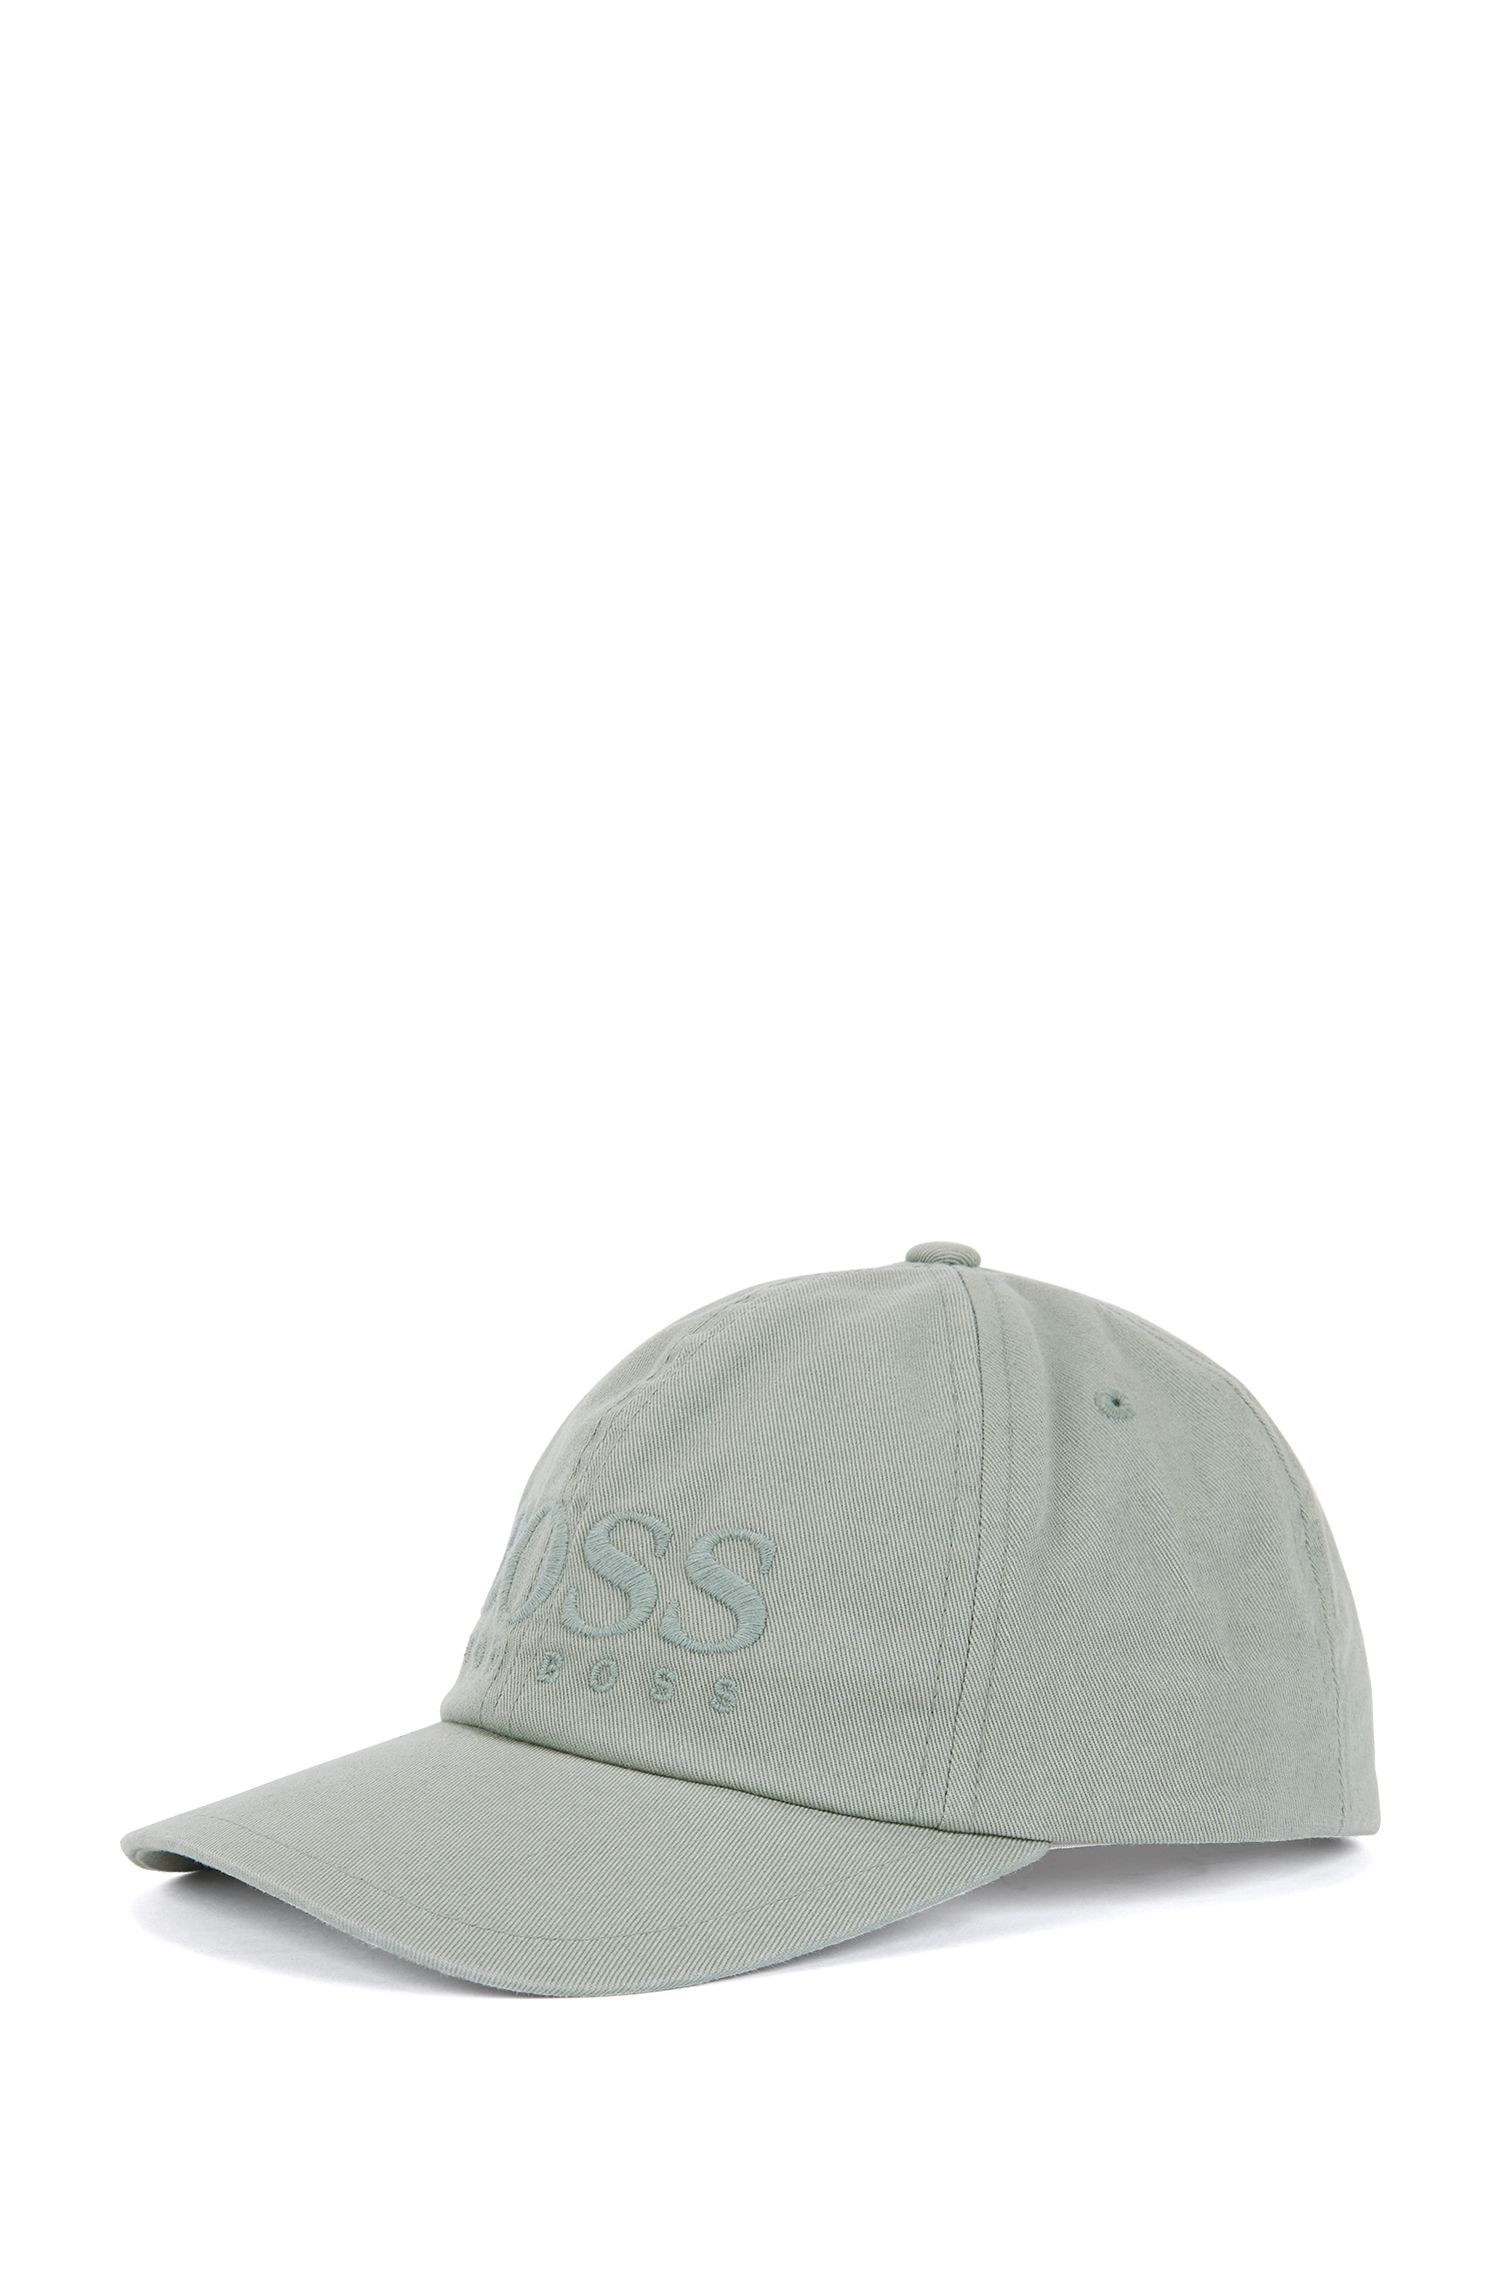 Gorra de béisbol en sarga de algodón con logo